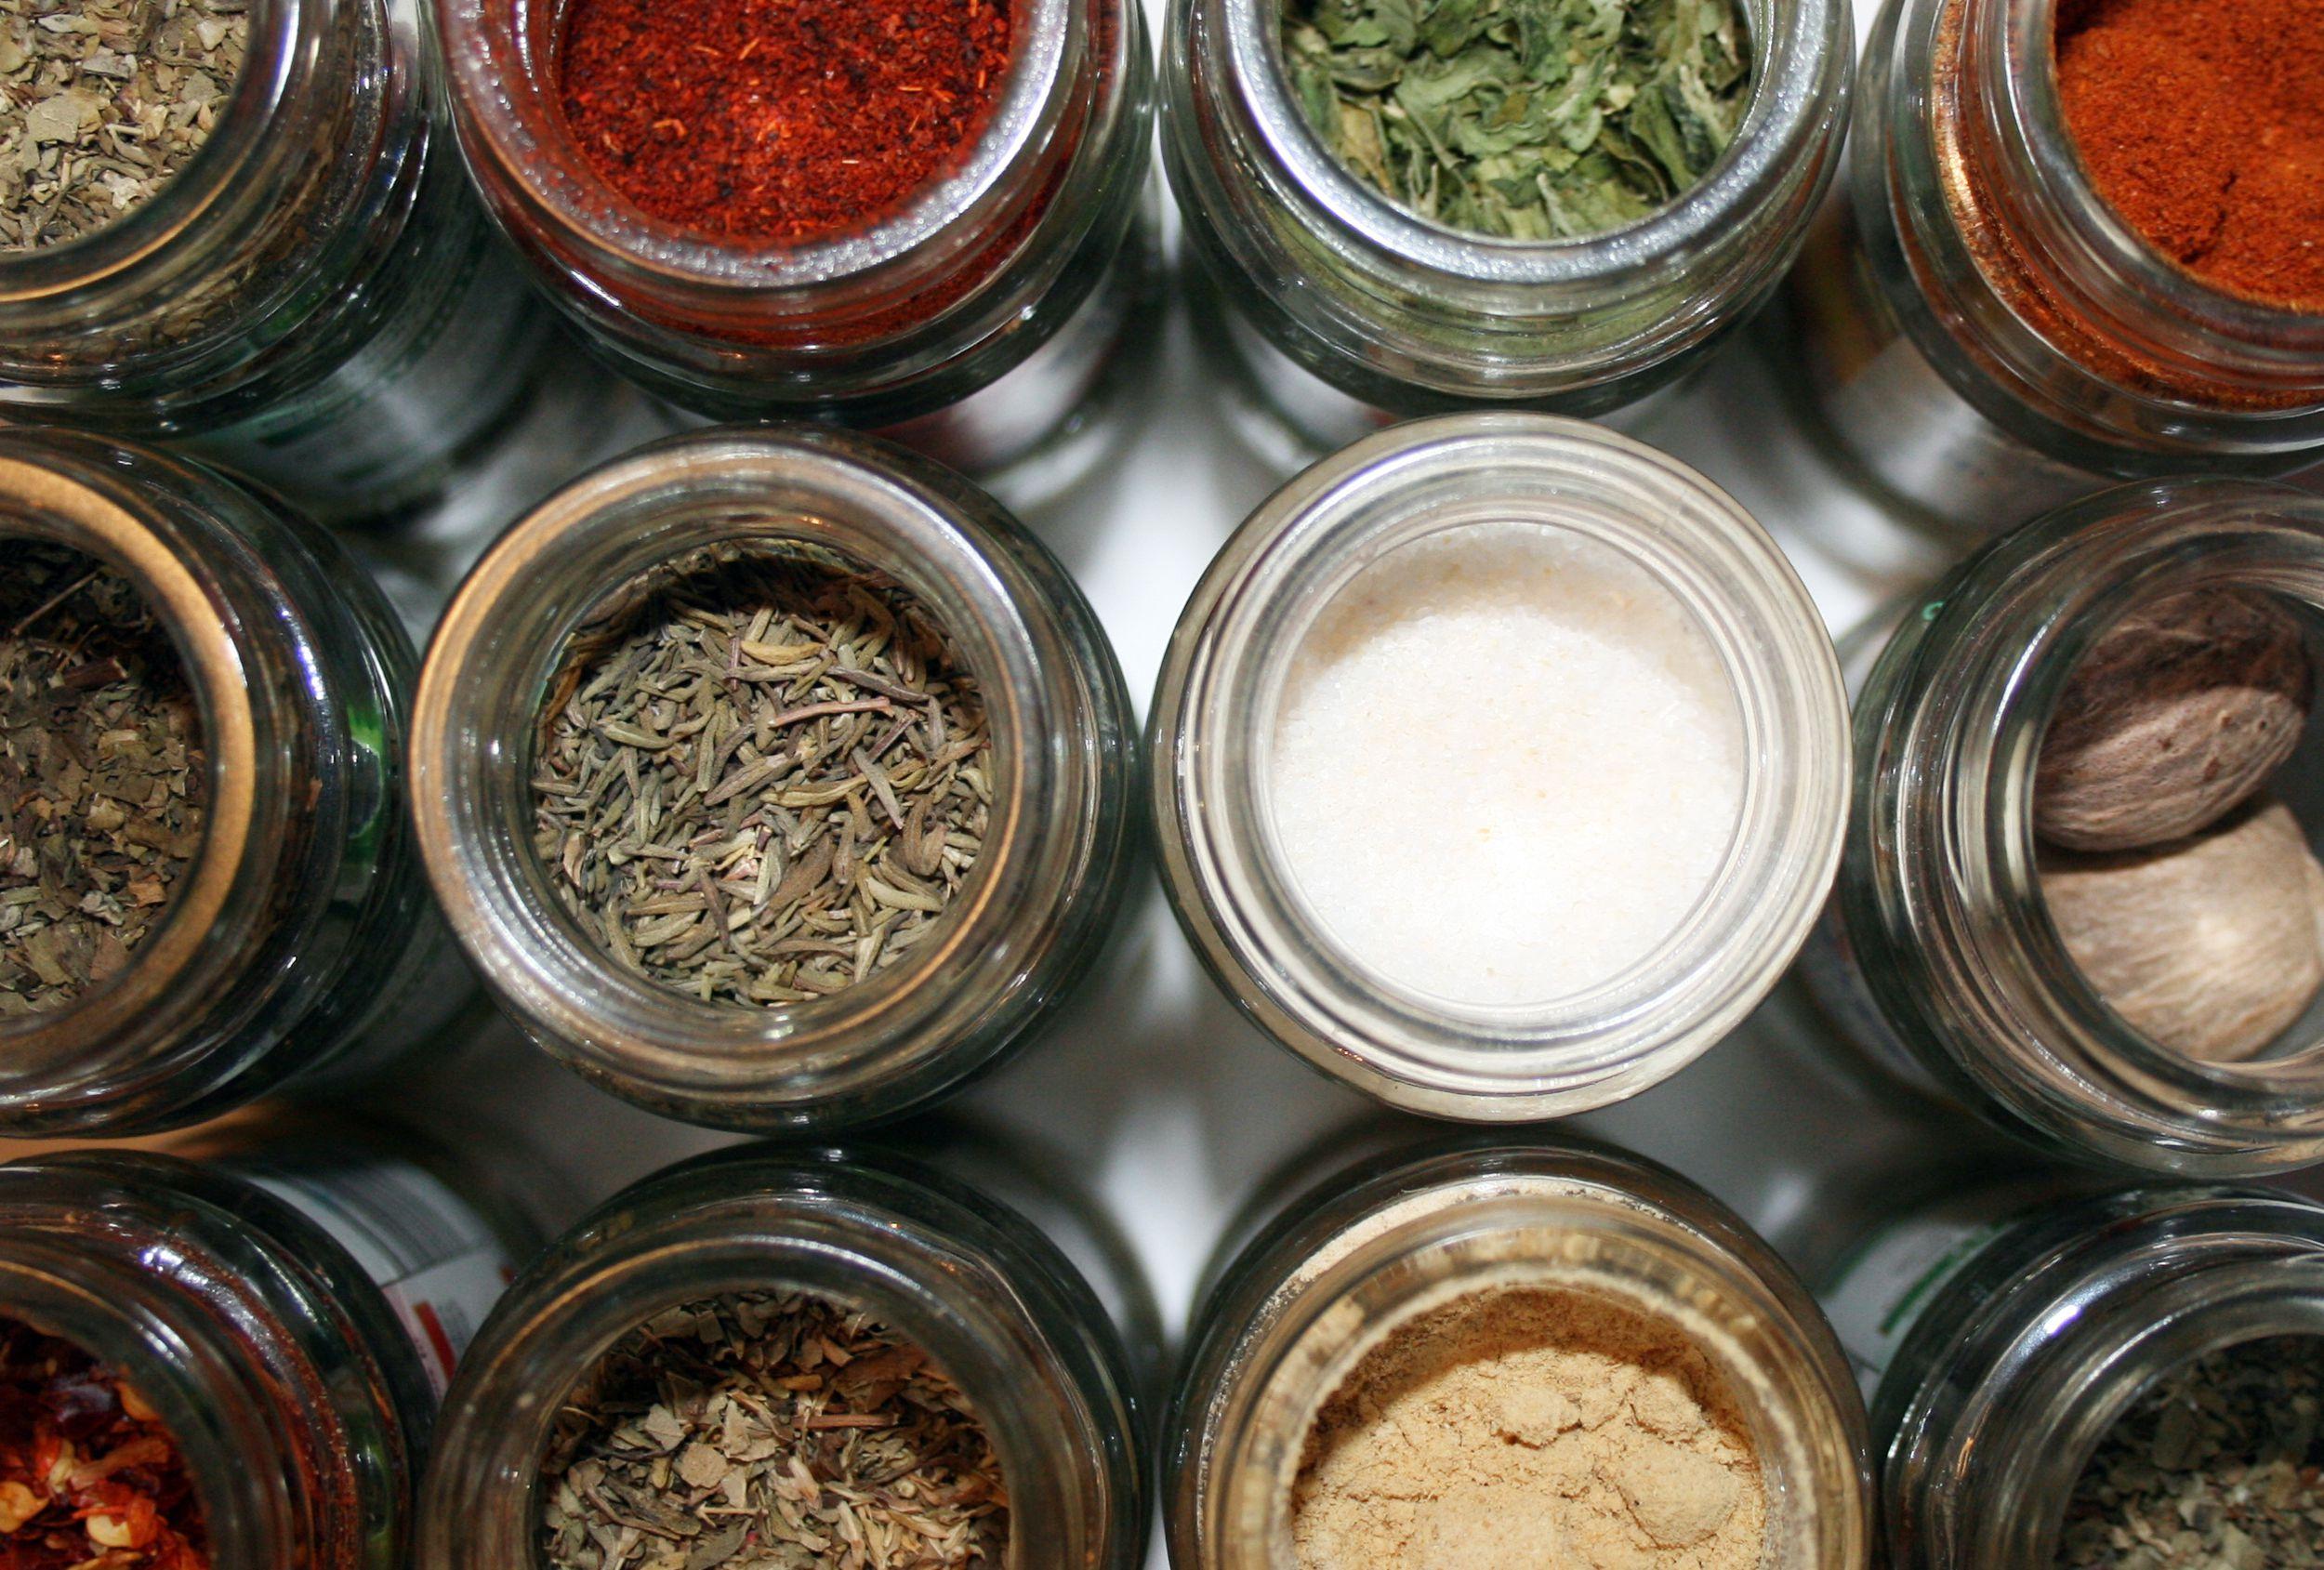 7 Basic Formulas for Homemade Spice Blends